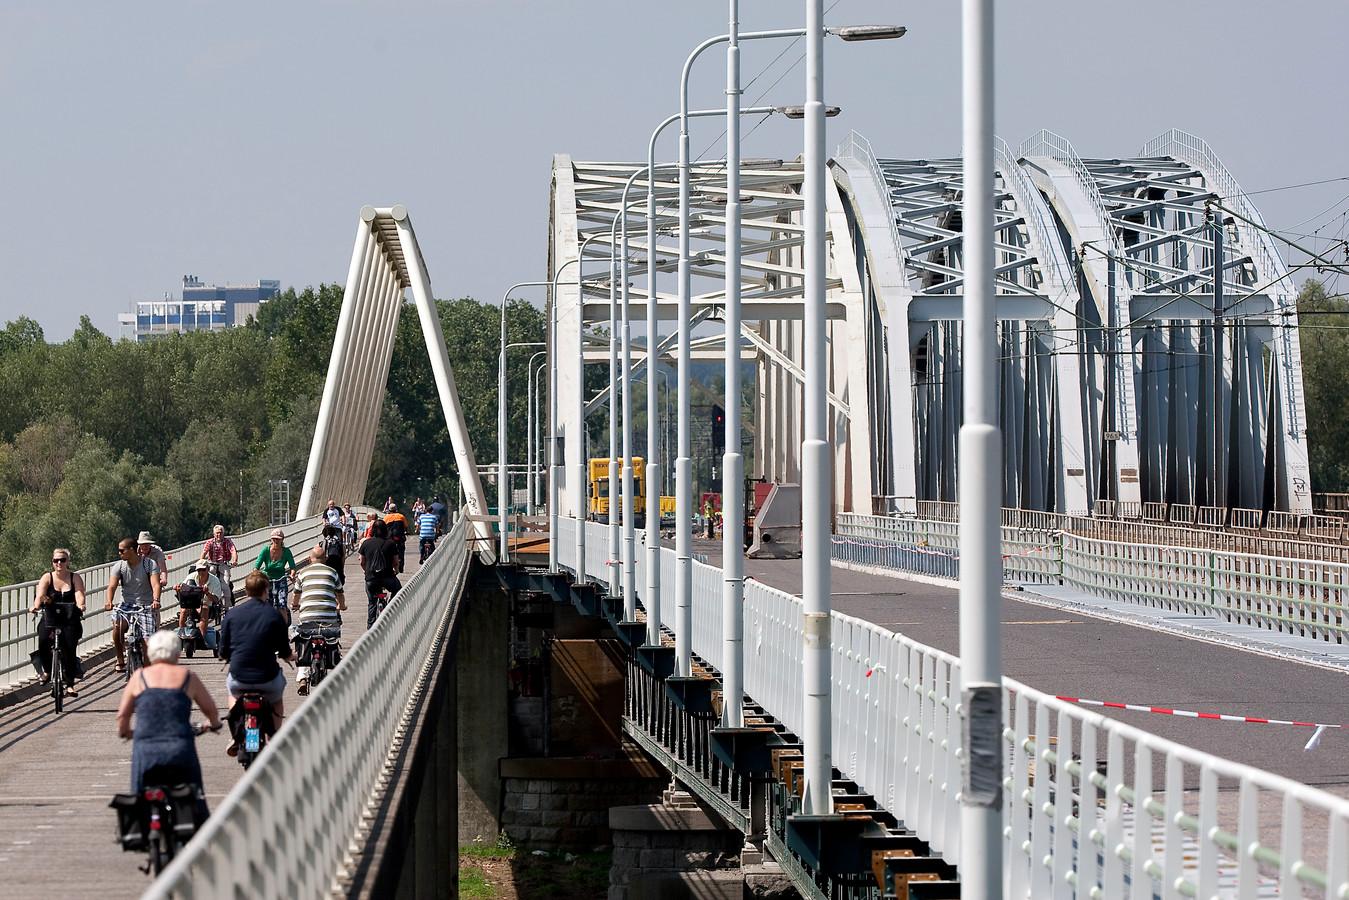 De brug van Westervoort tijdens eerdere onderhoudswerkzaamheden. Toen was de brug helemaal afgesloten.